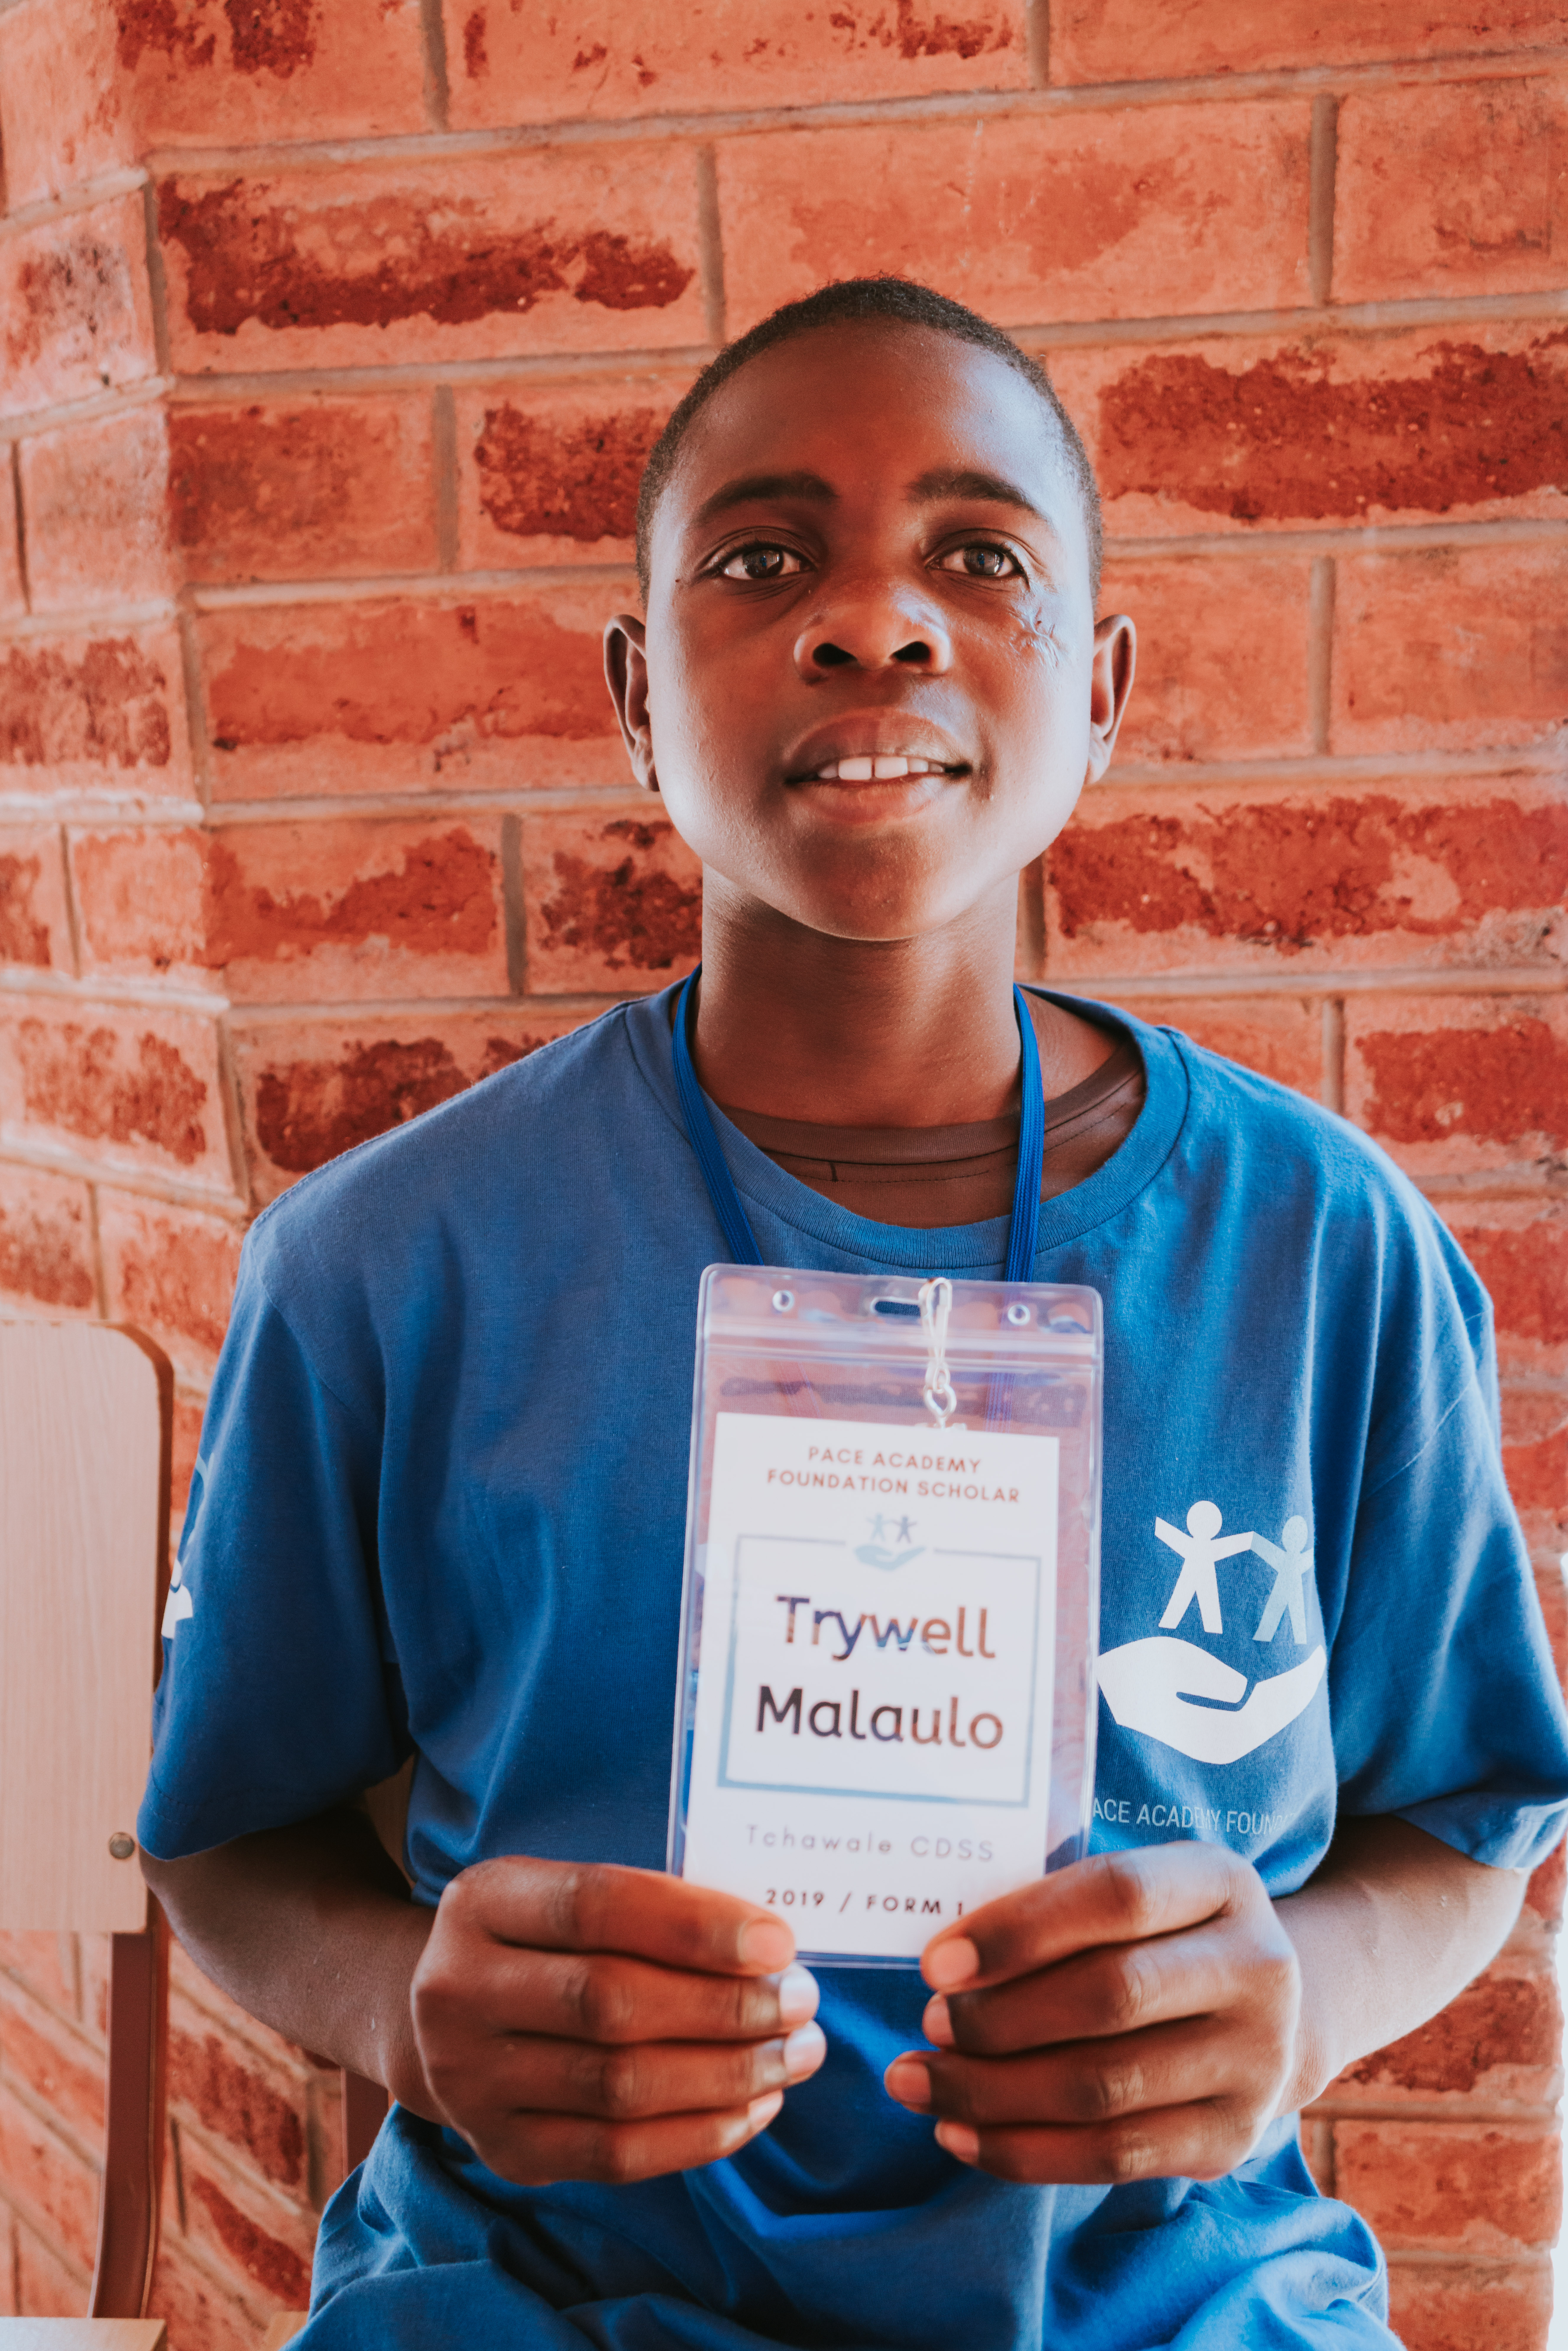 Trywell Malaulo (Tchawale CDSS)